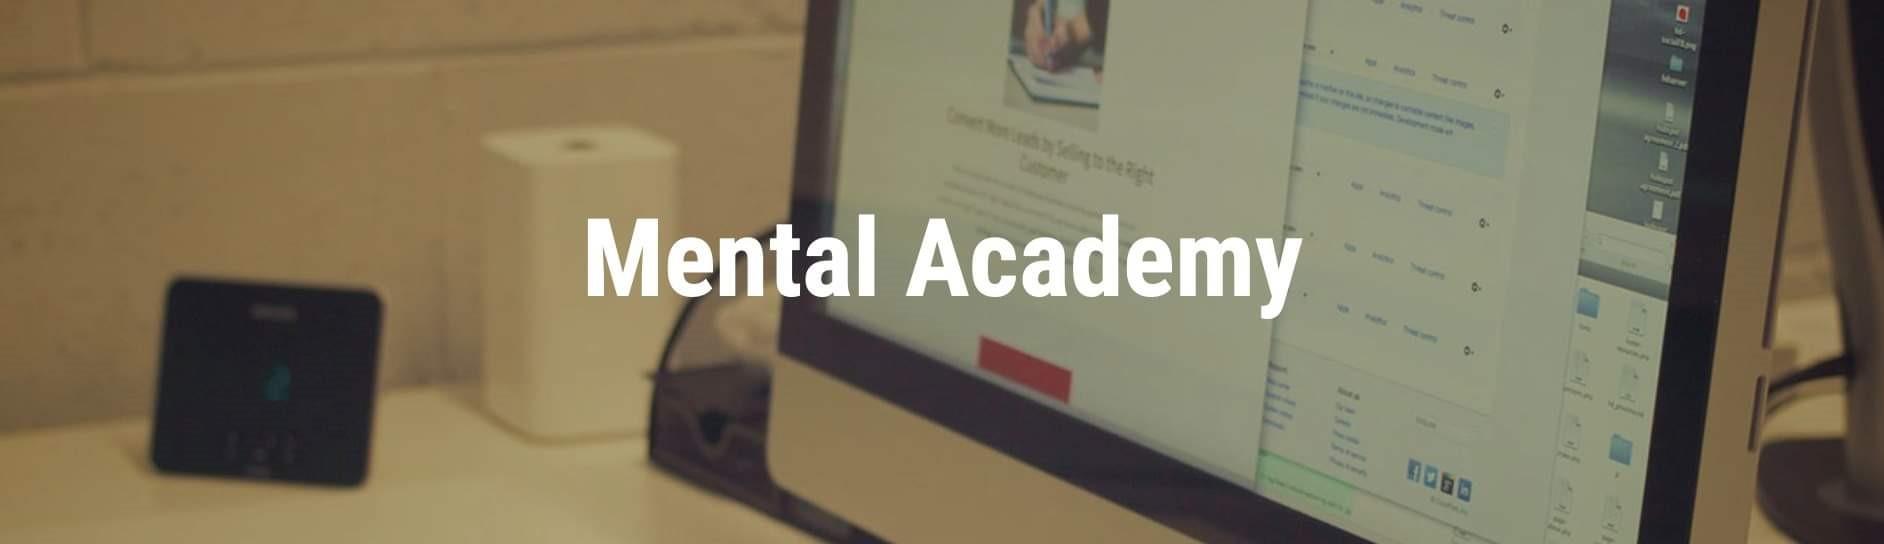 毎週土曜 無料オンラインセミナー「メンタルアカデミー」開催中